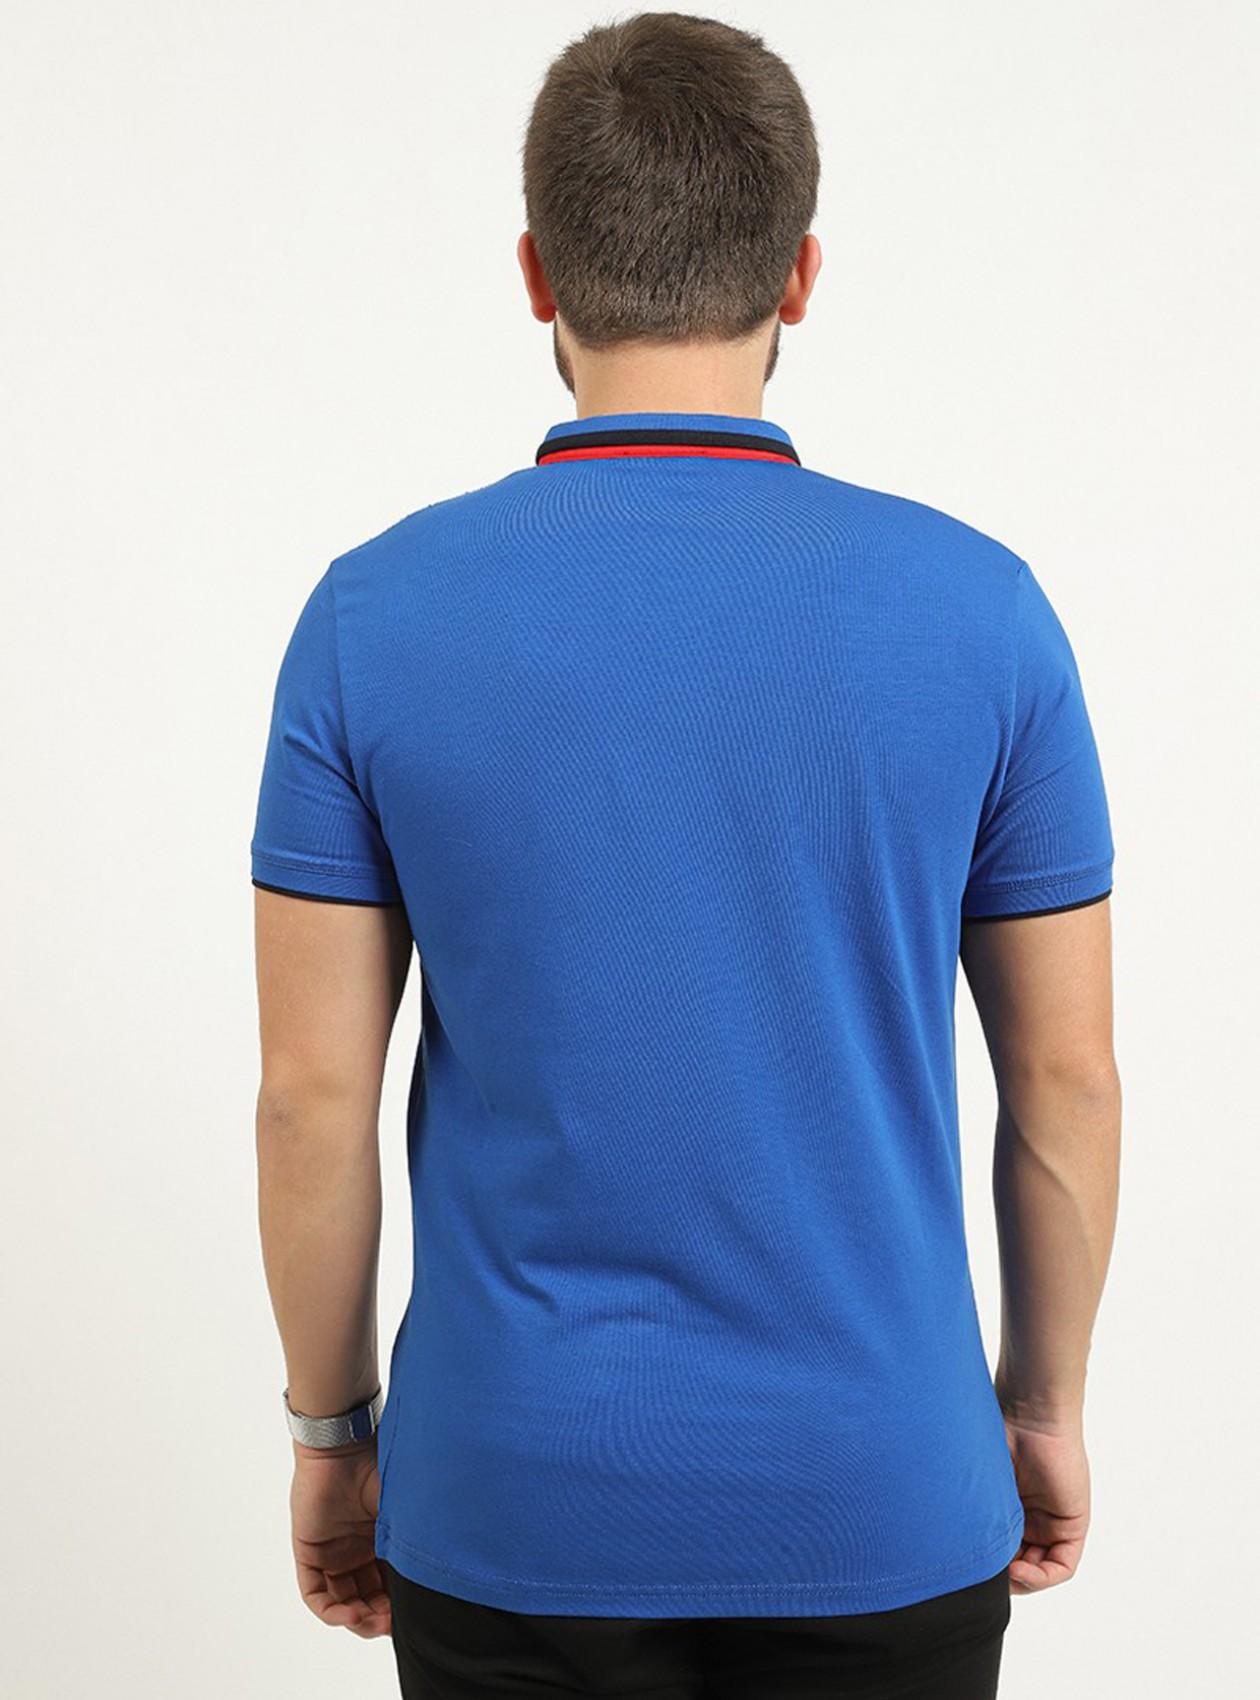 Polo saks manches courtes avec logo plaque poitrine